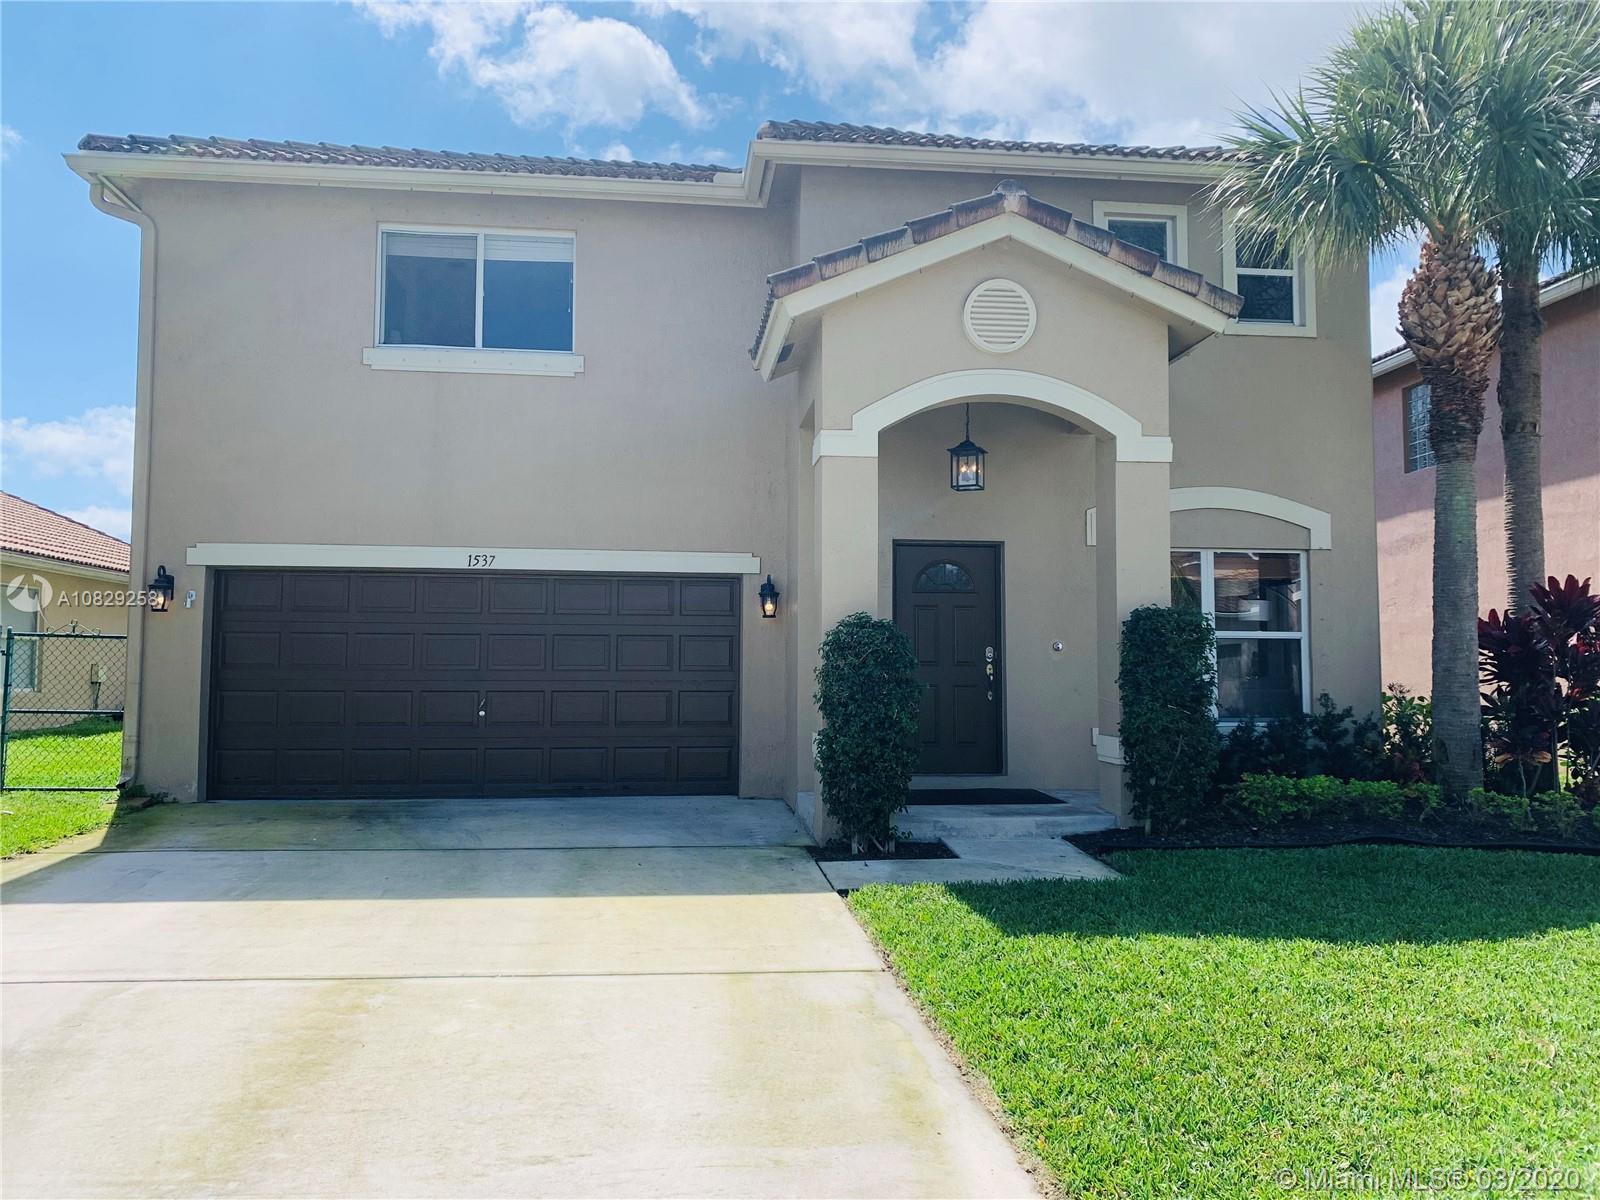 1537 Rialto Dr, Boynton Beach, FL 33436